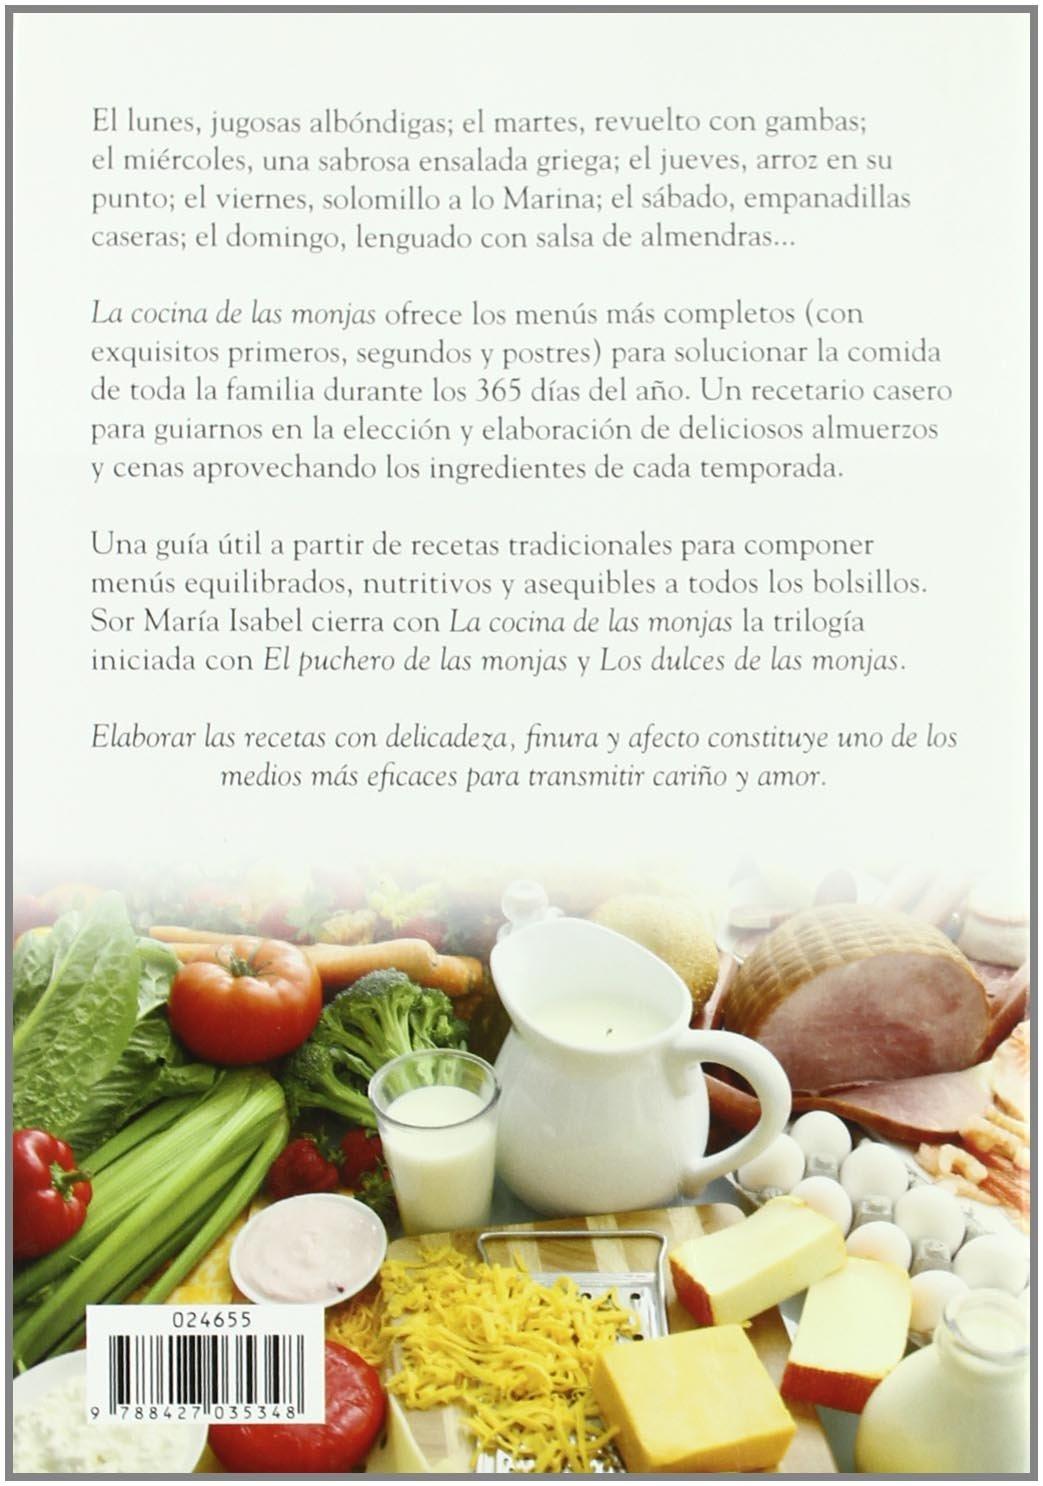 La cocina de las monjas: 365 menús sencillos y sanos para toda la familia MR Cocina: Amazon.es: Sor María Isabel Lora: Libros